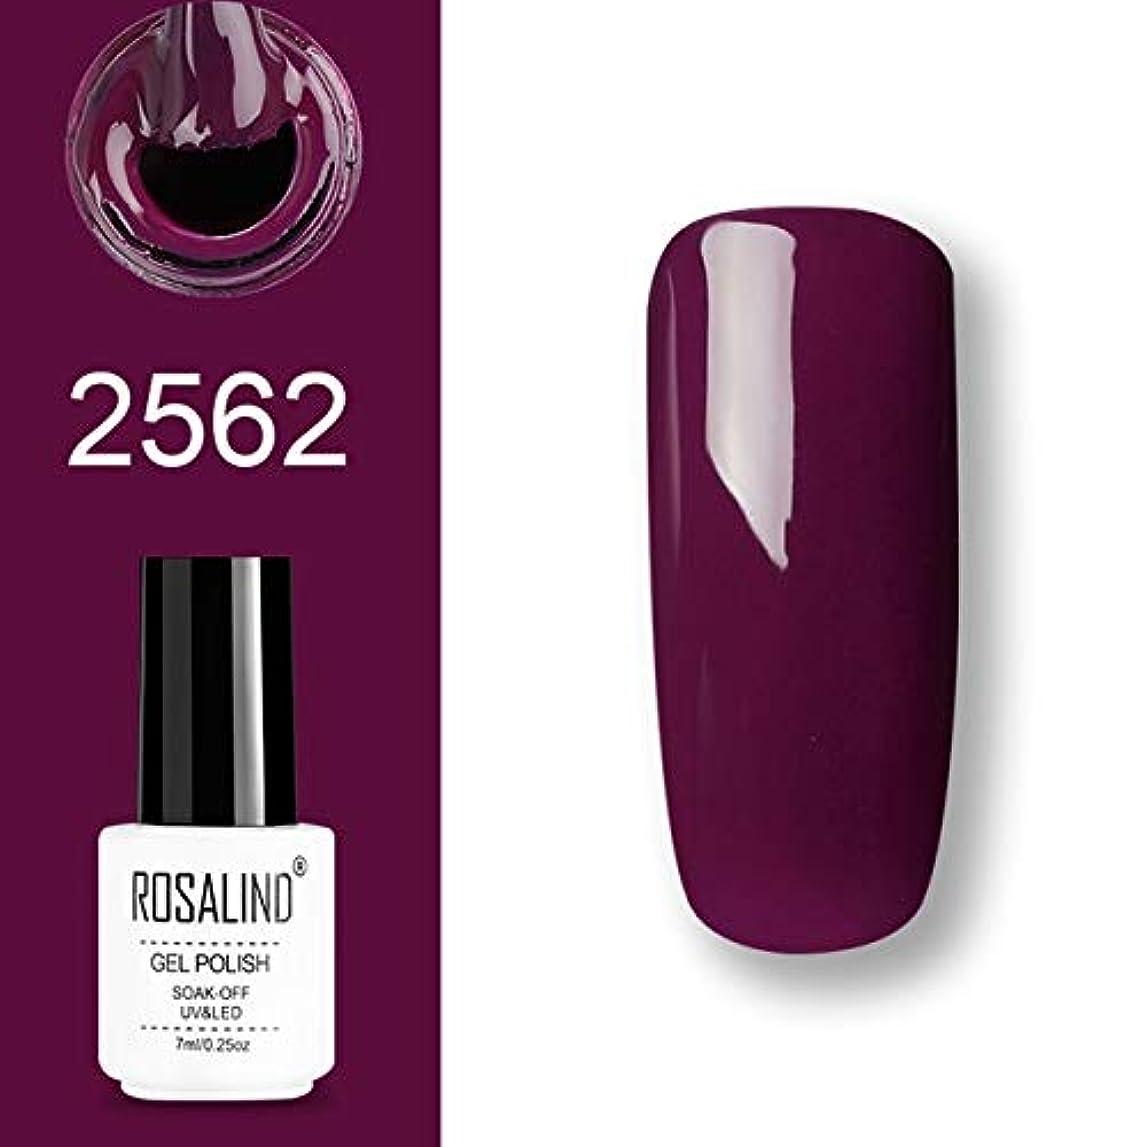 スクランブル数字通路ファッションアイテム ROSALINDジェルポリッシュセットUV半永久プライマートップコートポリジェルニスネイルアートマニキュアジェル、容量:7ml 2562ネイルグルー 環境に優しいマニキュア